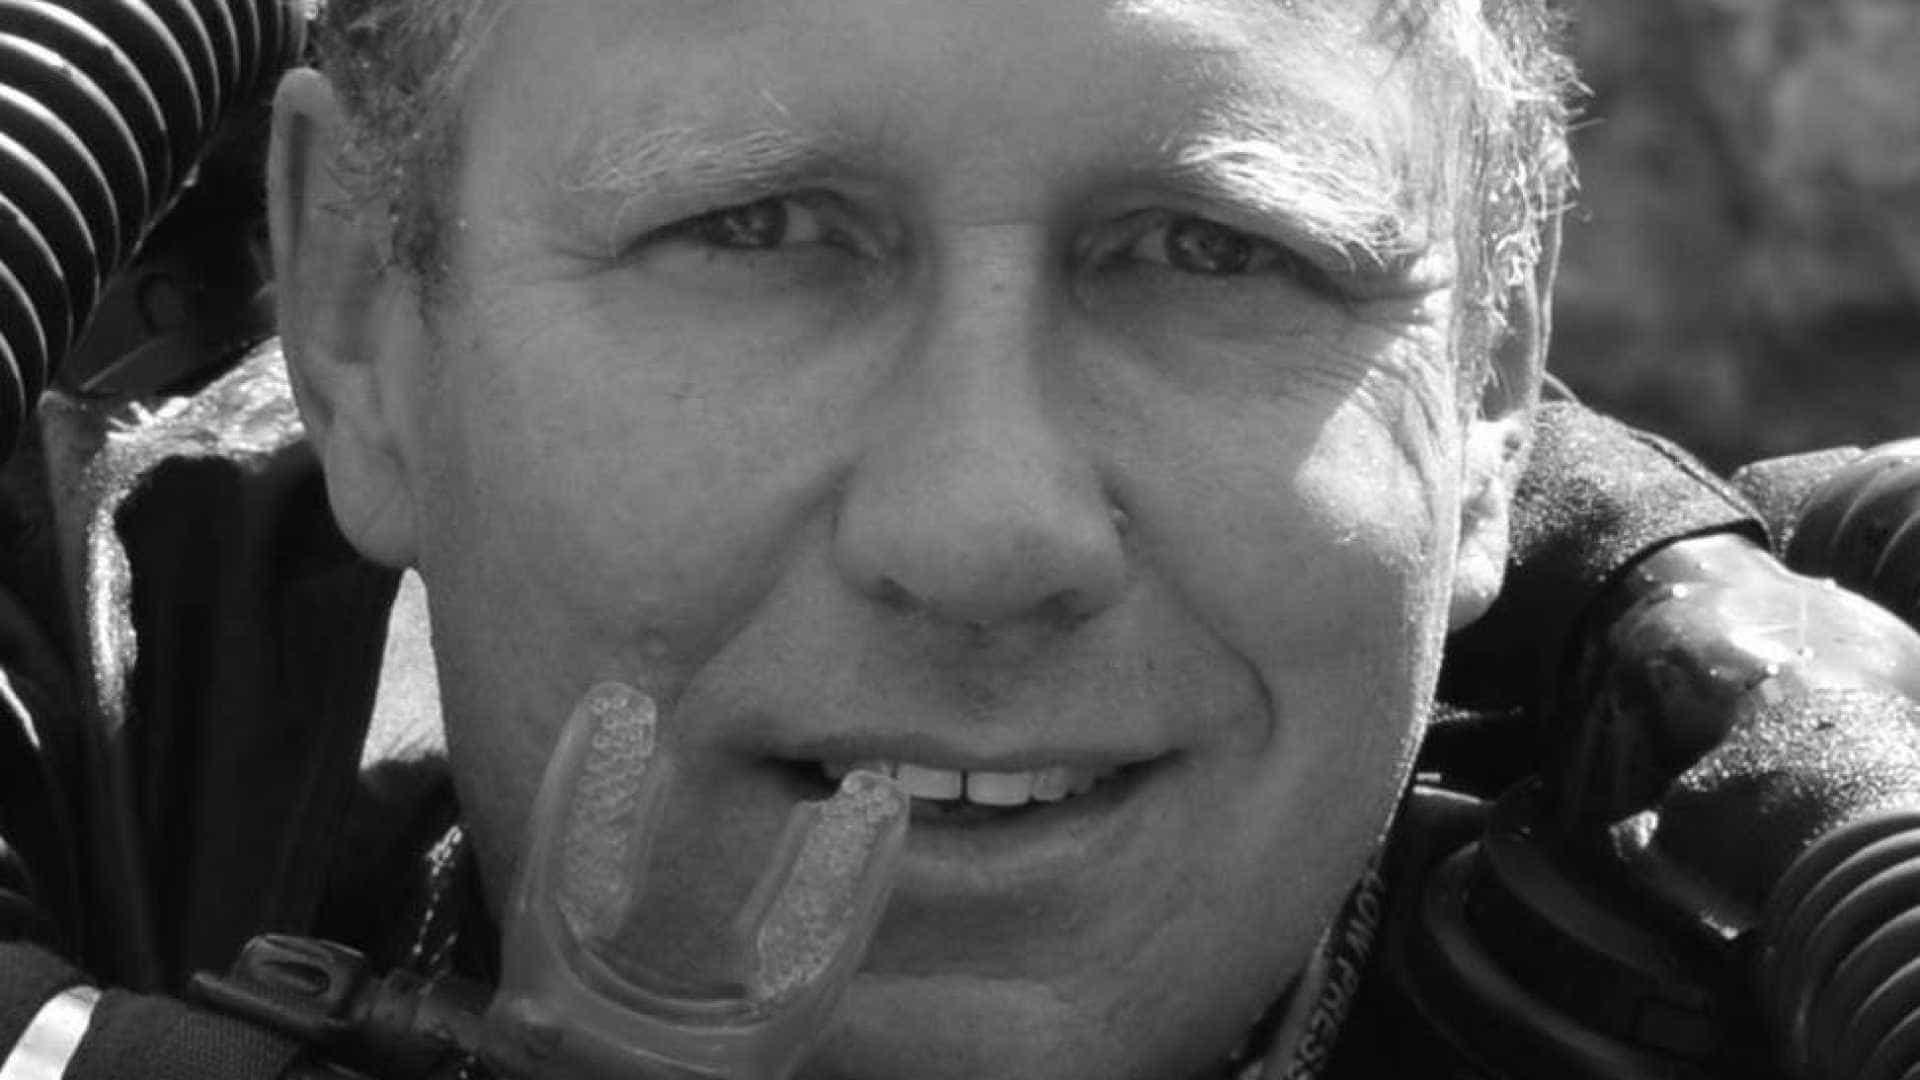 Após sair da gruta, médico australiano descobre que o pai morreu